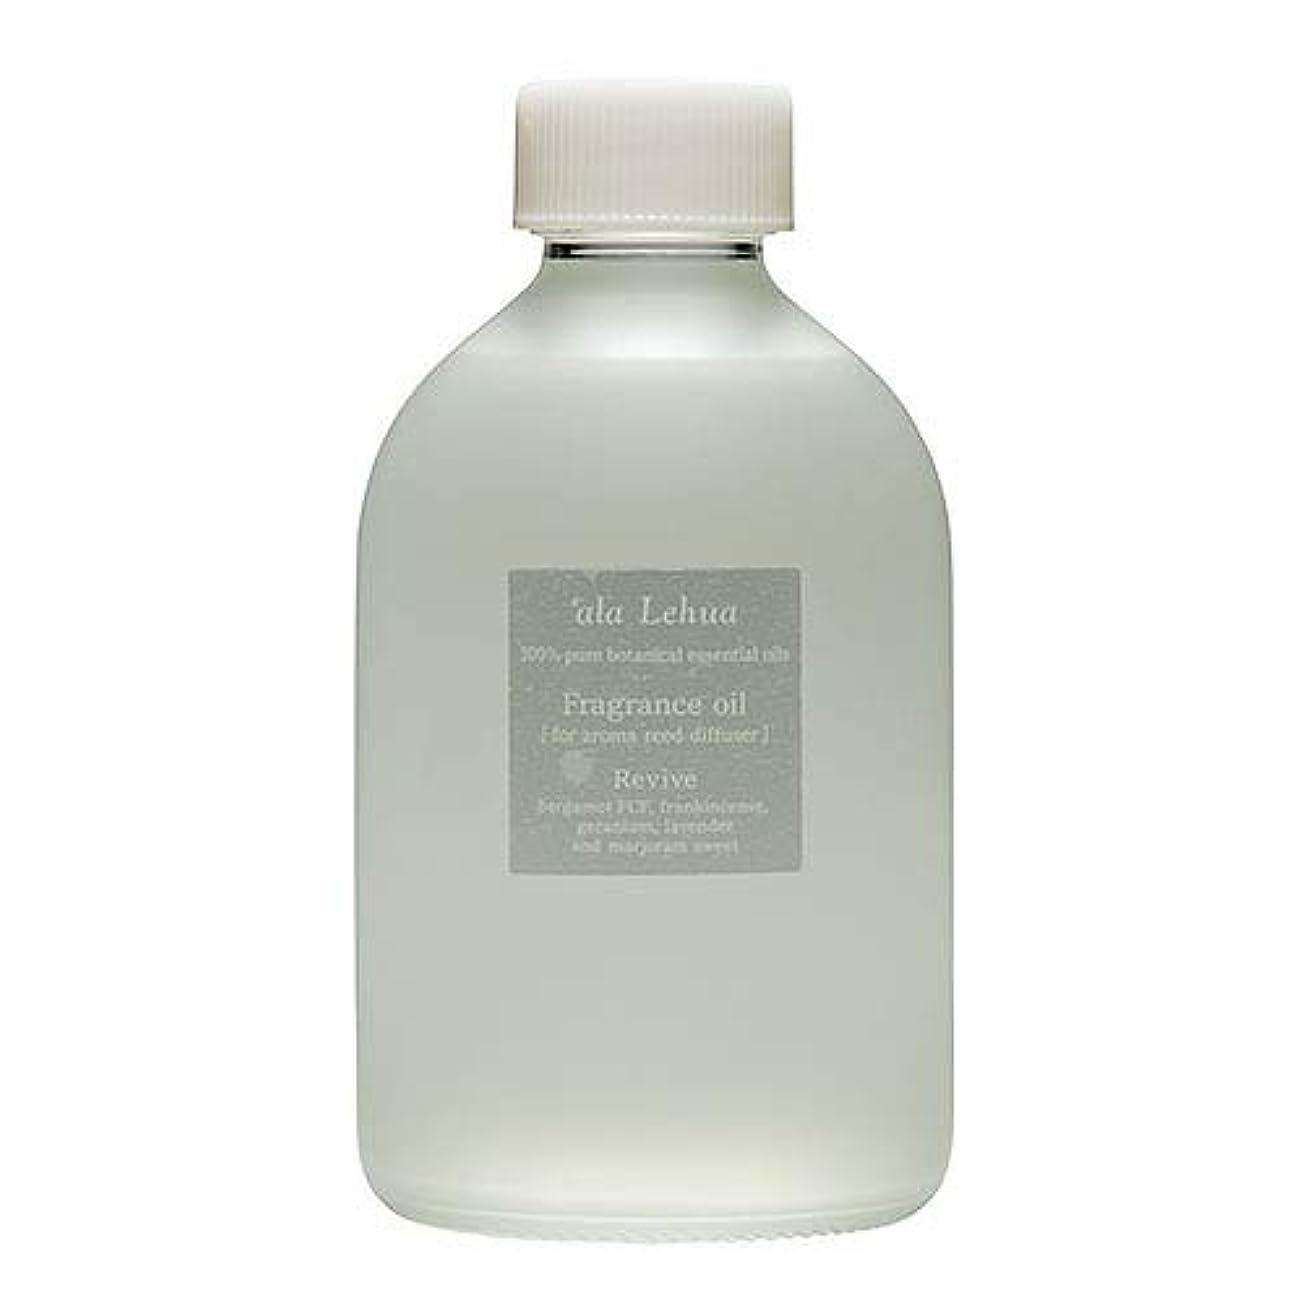 買い物に行く吸収する気味の悪い`ala Lehua (アラレフア) フレグランスオイル 250ml revive